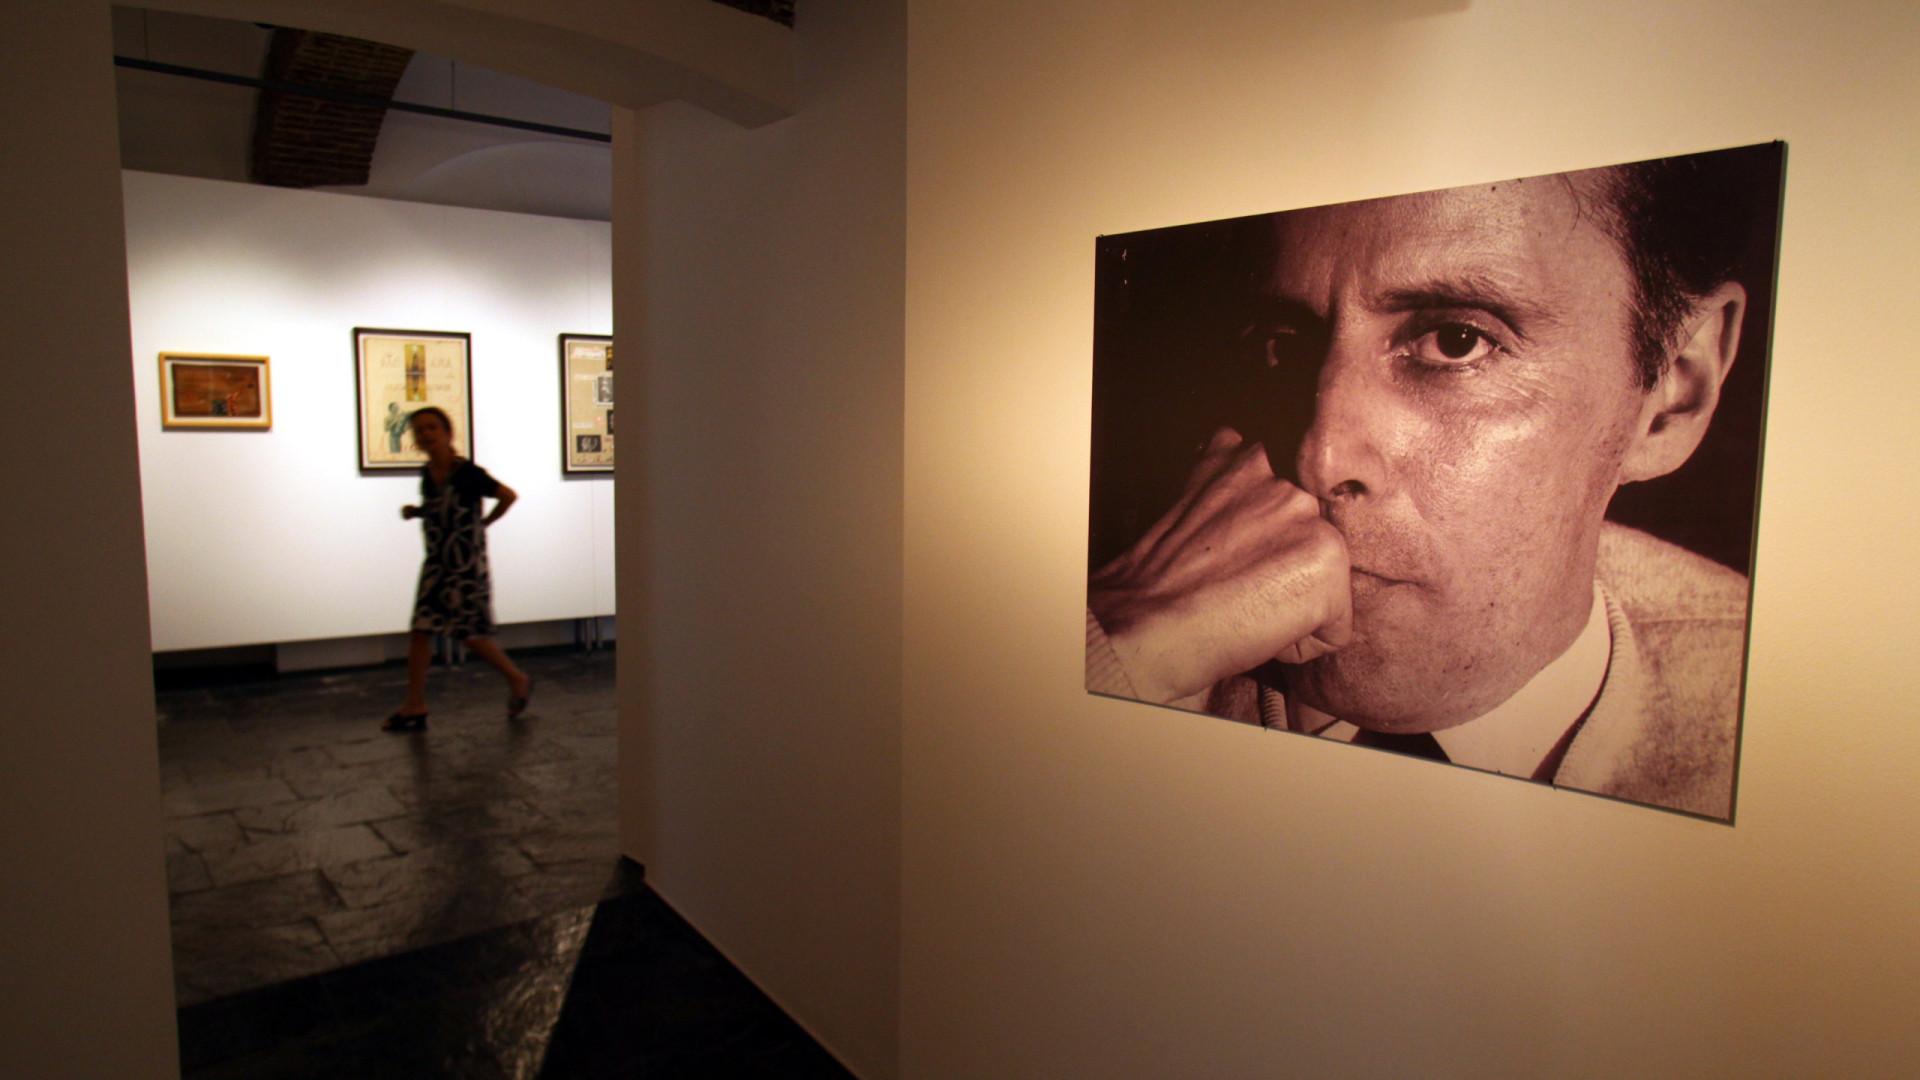 XII edição dos Mário Cesariny - Encontros para homenagear o artista